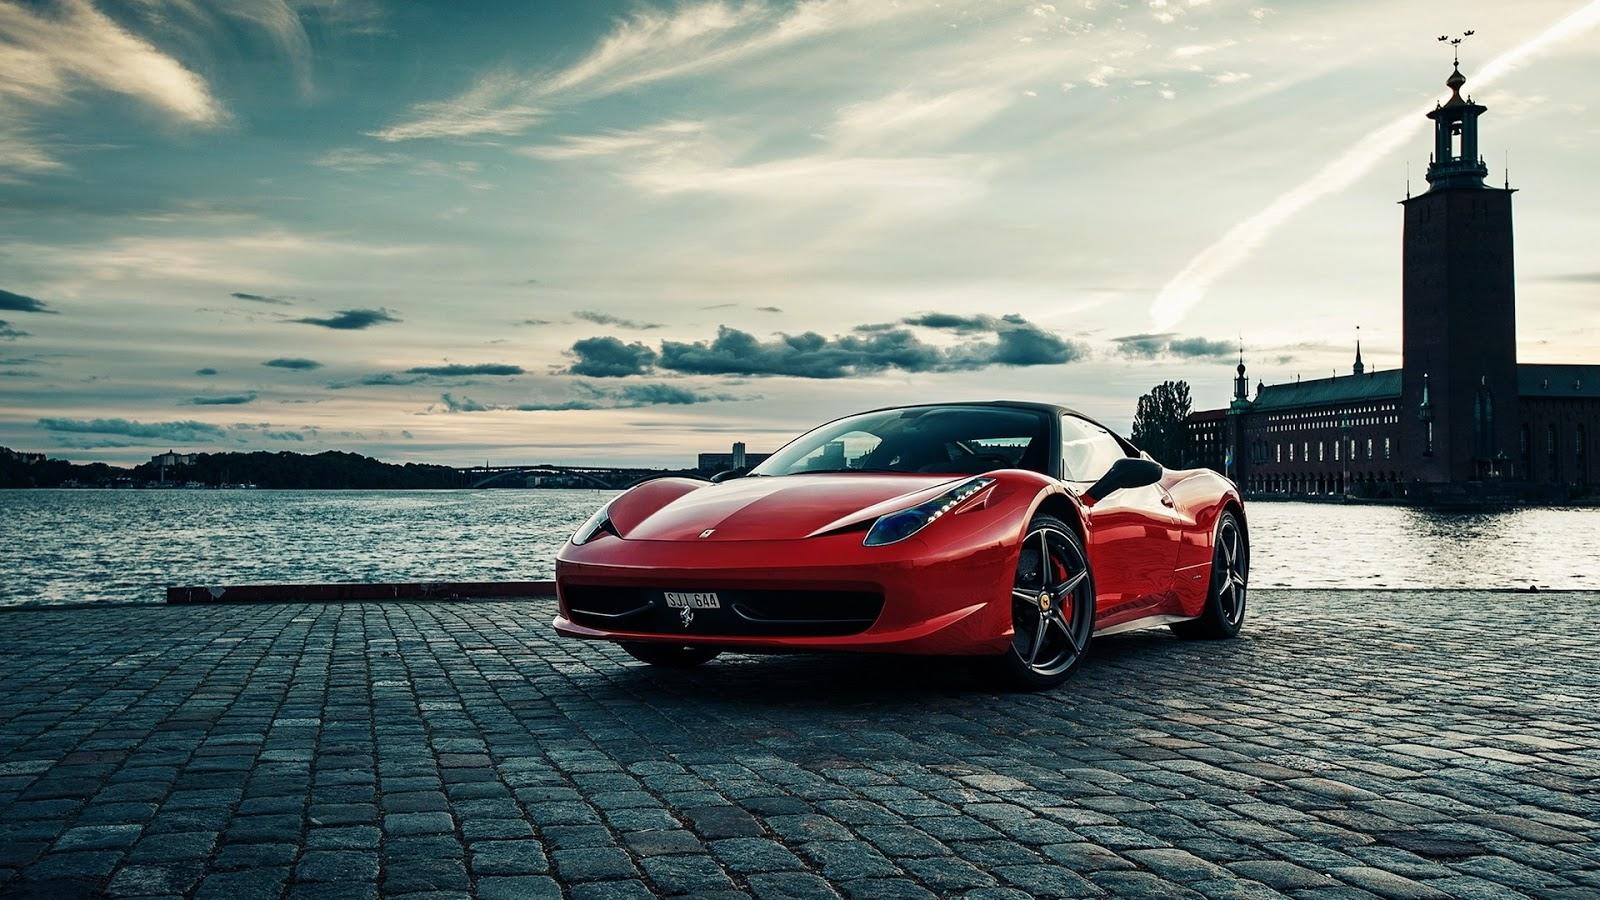 http://4.bp.blogspot.com/-ZoADbb-CN2s/USA1J6V8nHI/AAAAAAAAB2Q/KKpsR84TAwc/s1600/Ferrari-458-Italia-Wallpaper.jpg